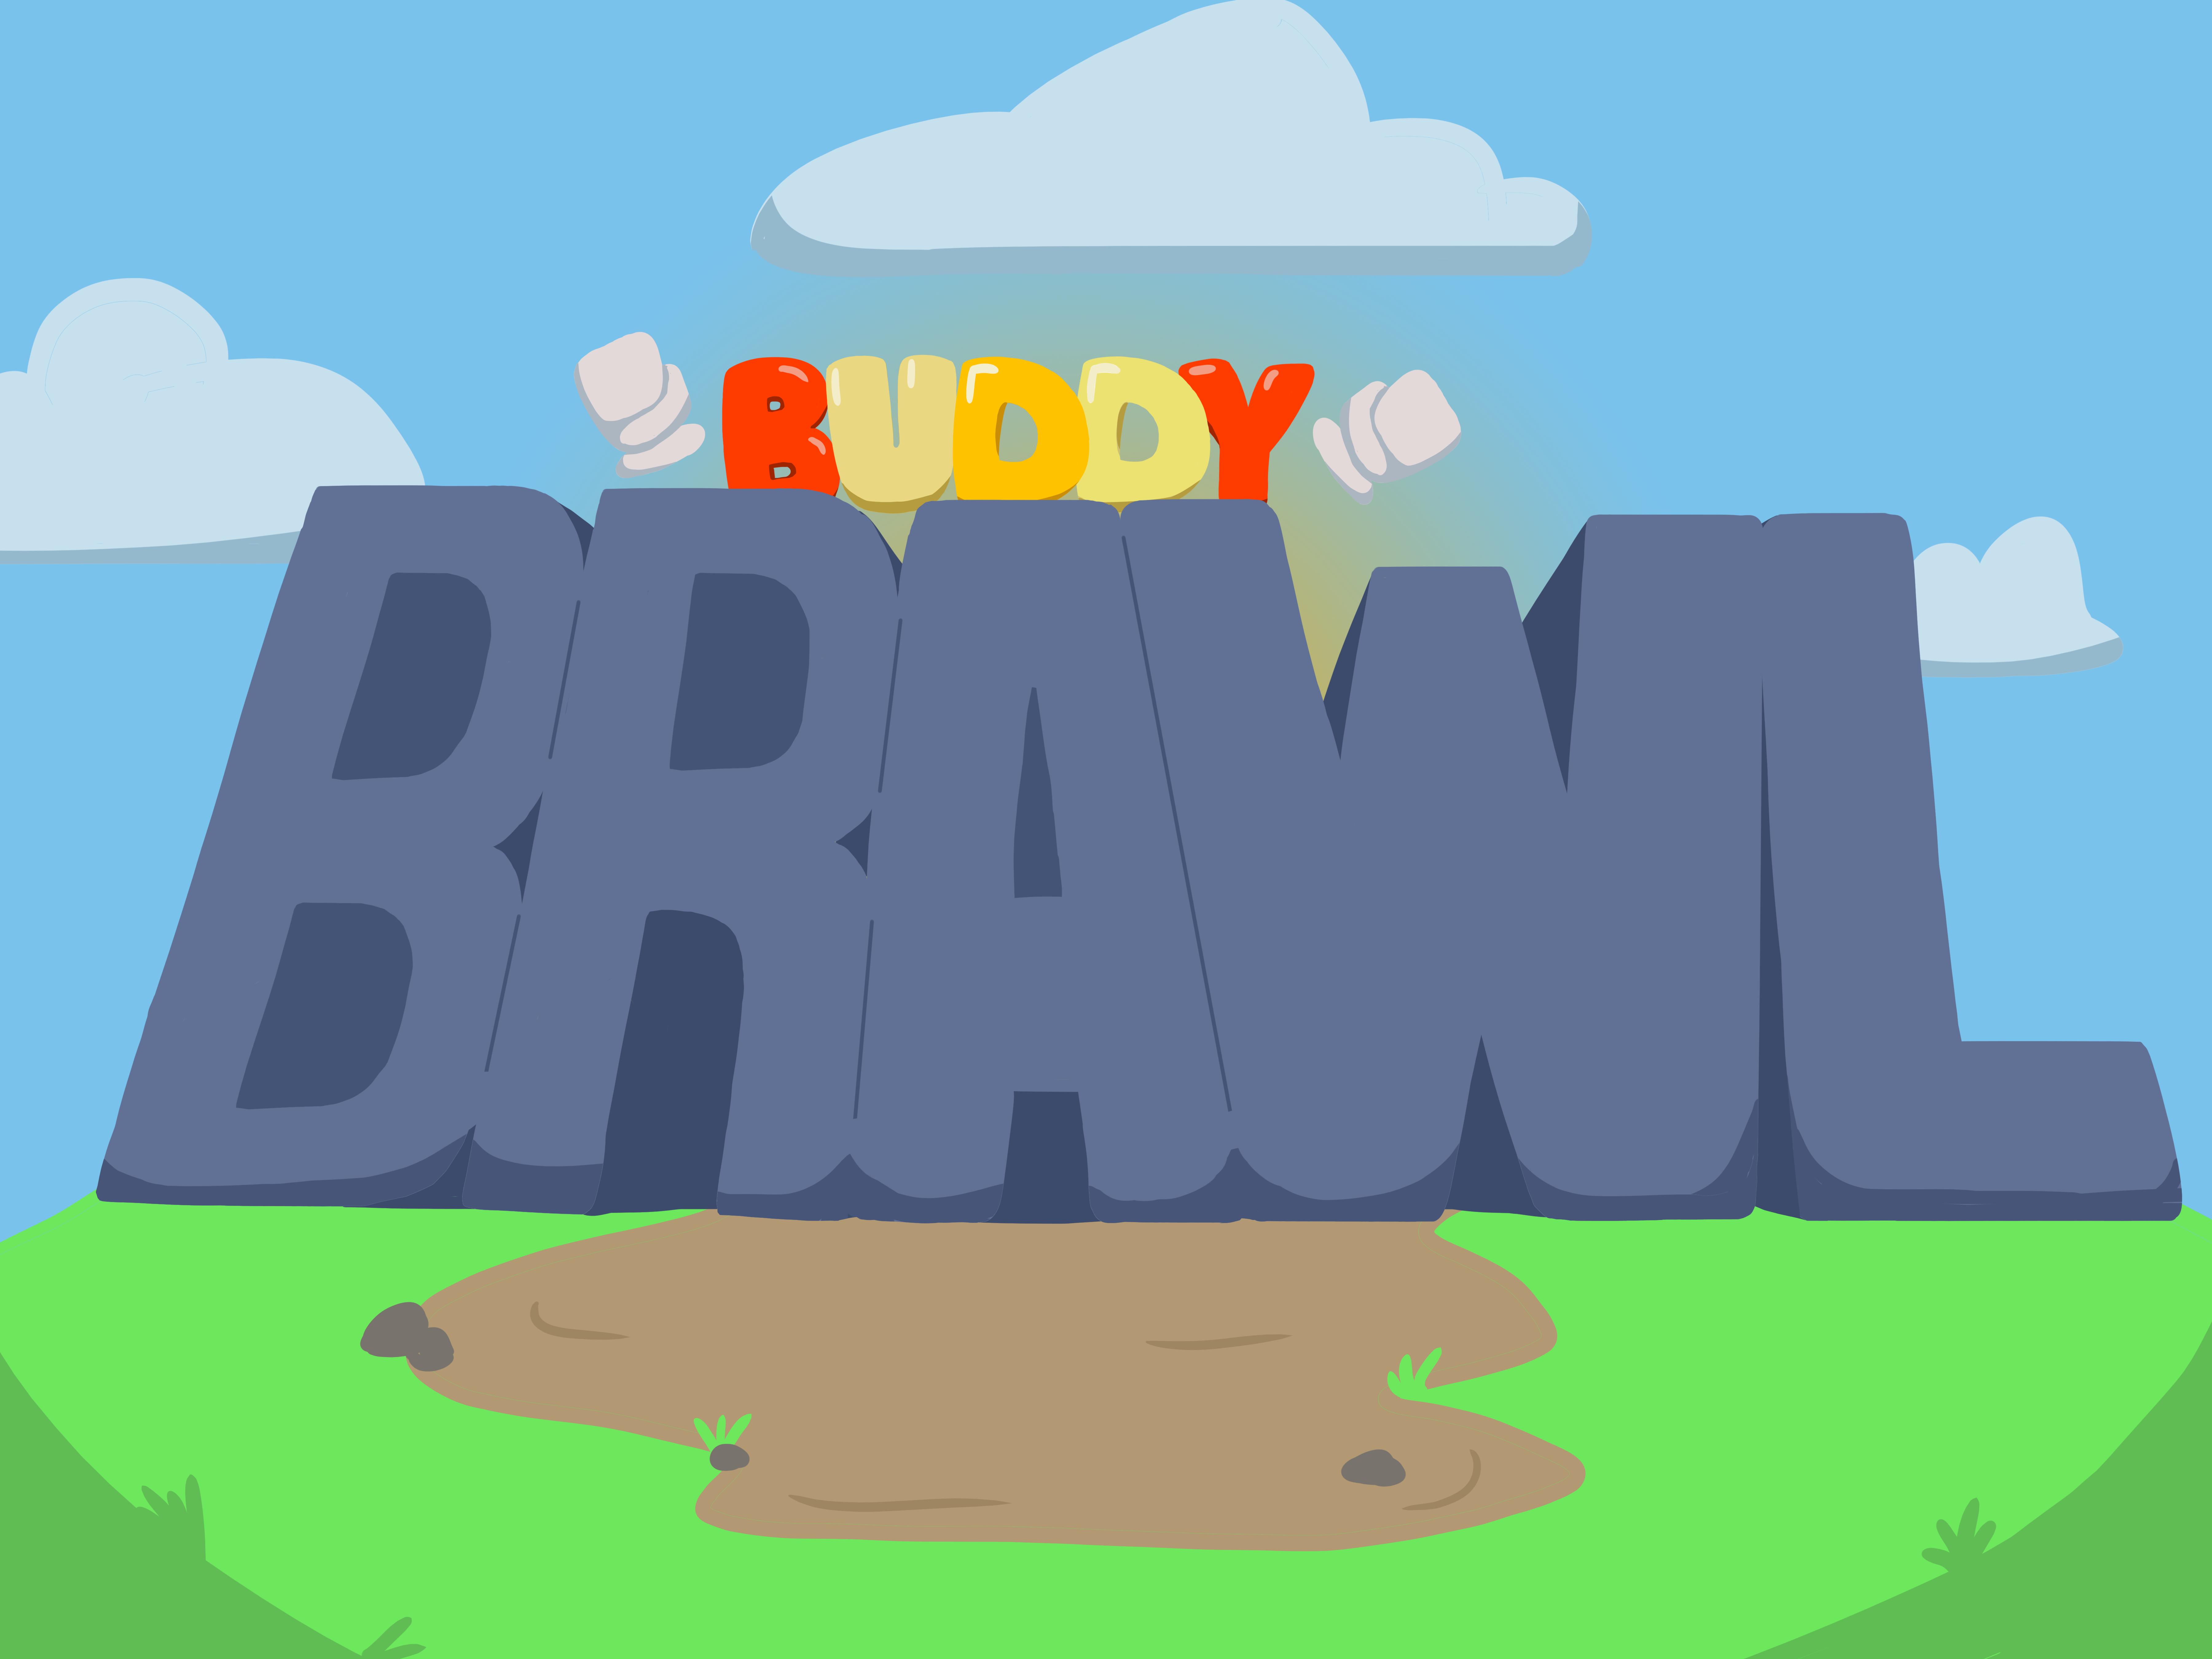 Buddy Brawl